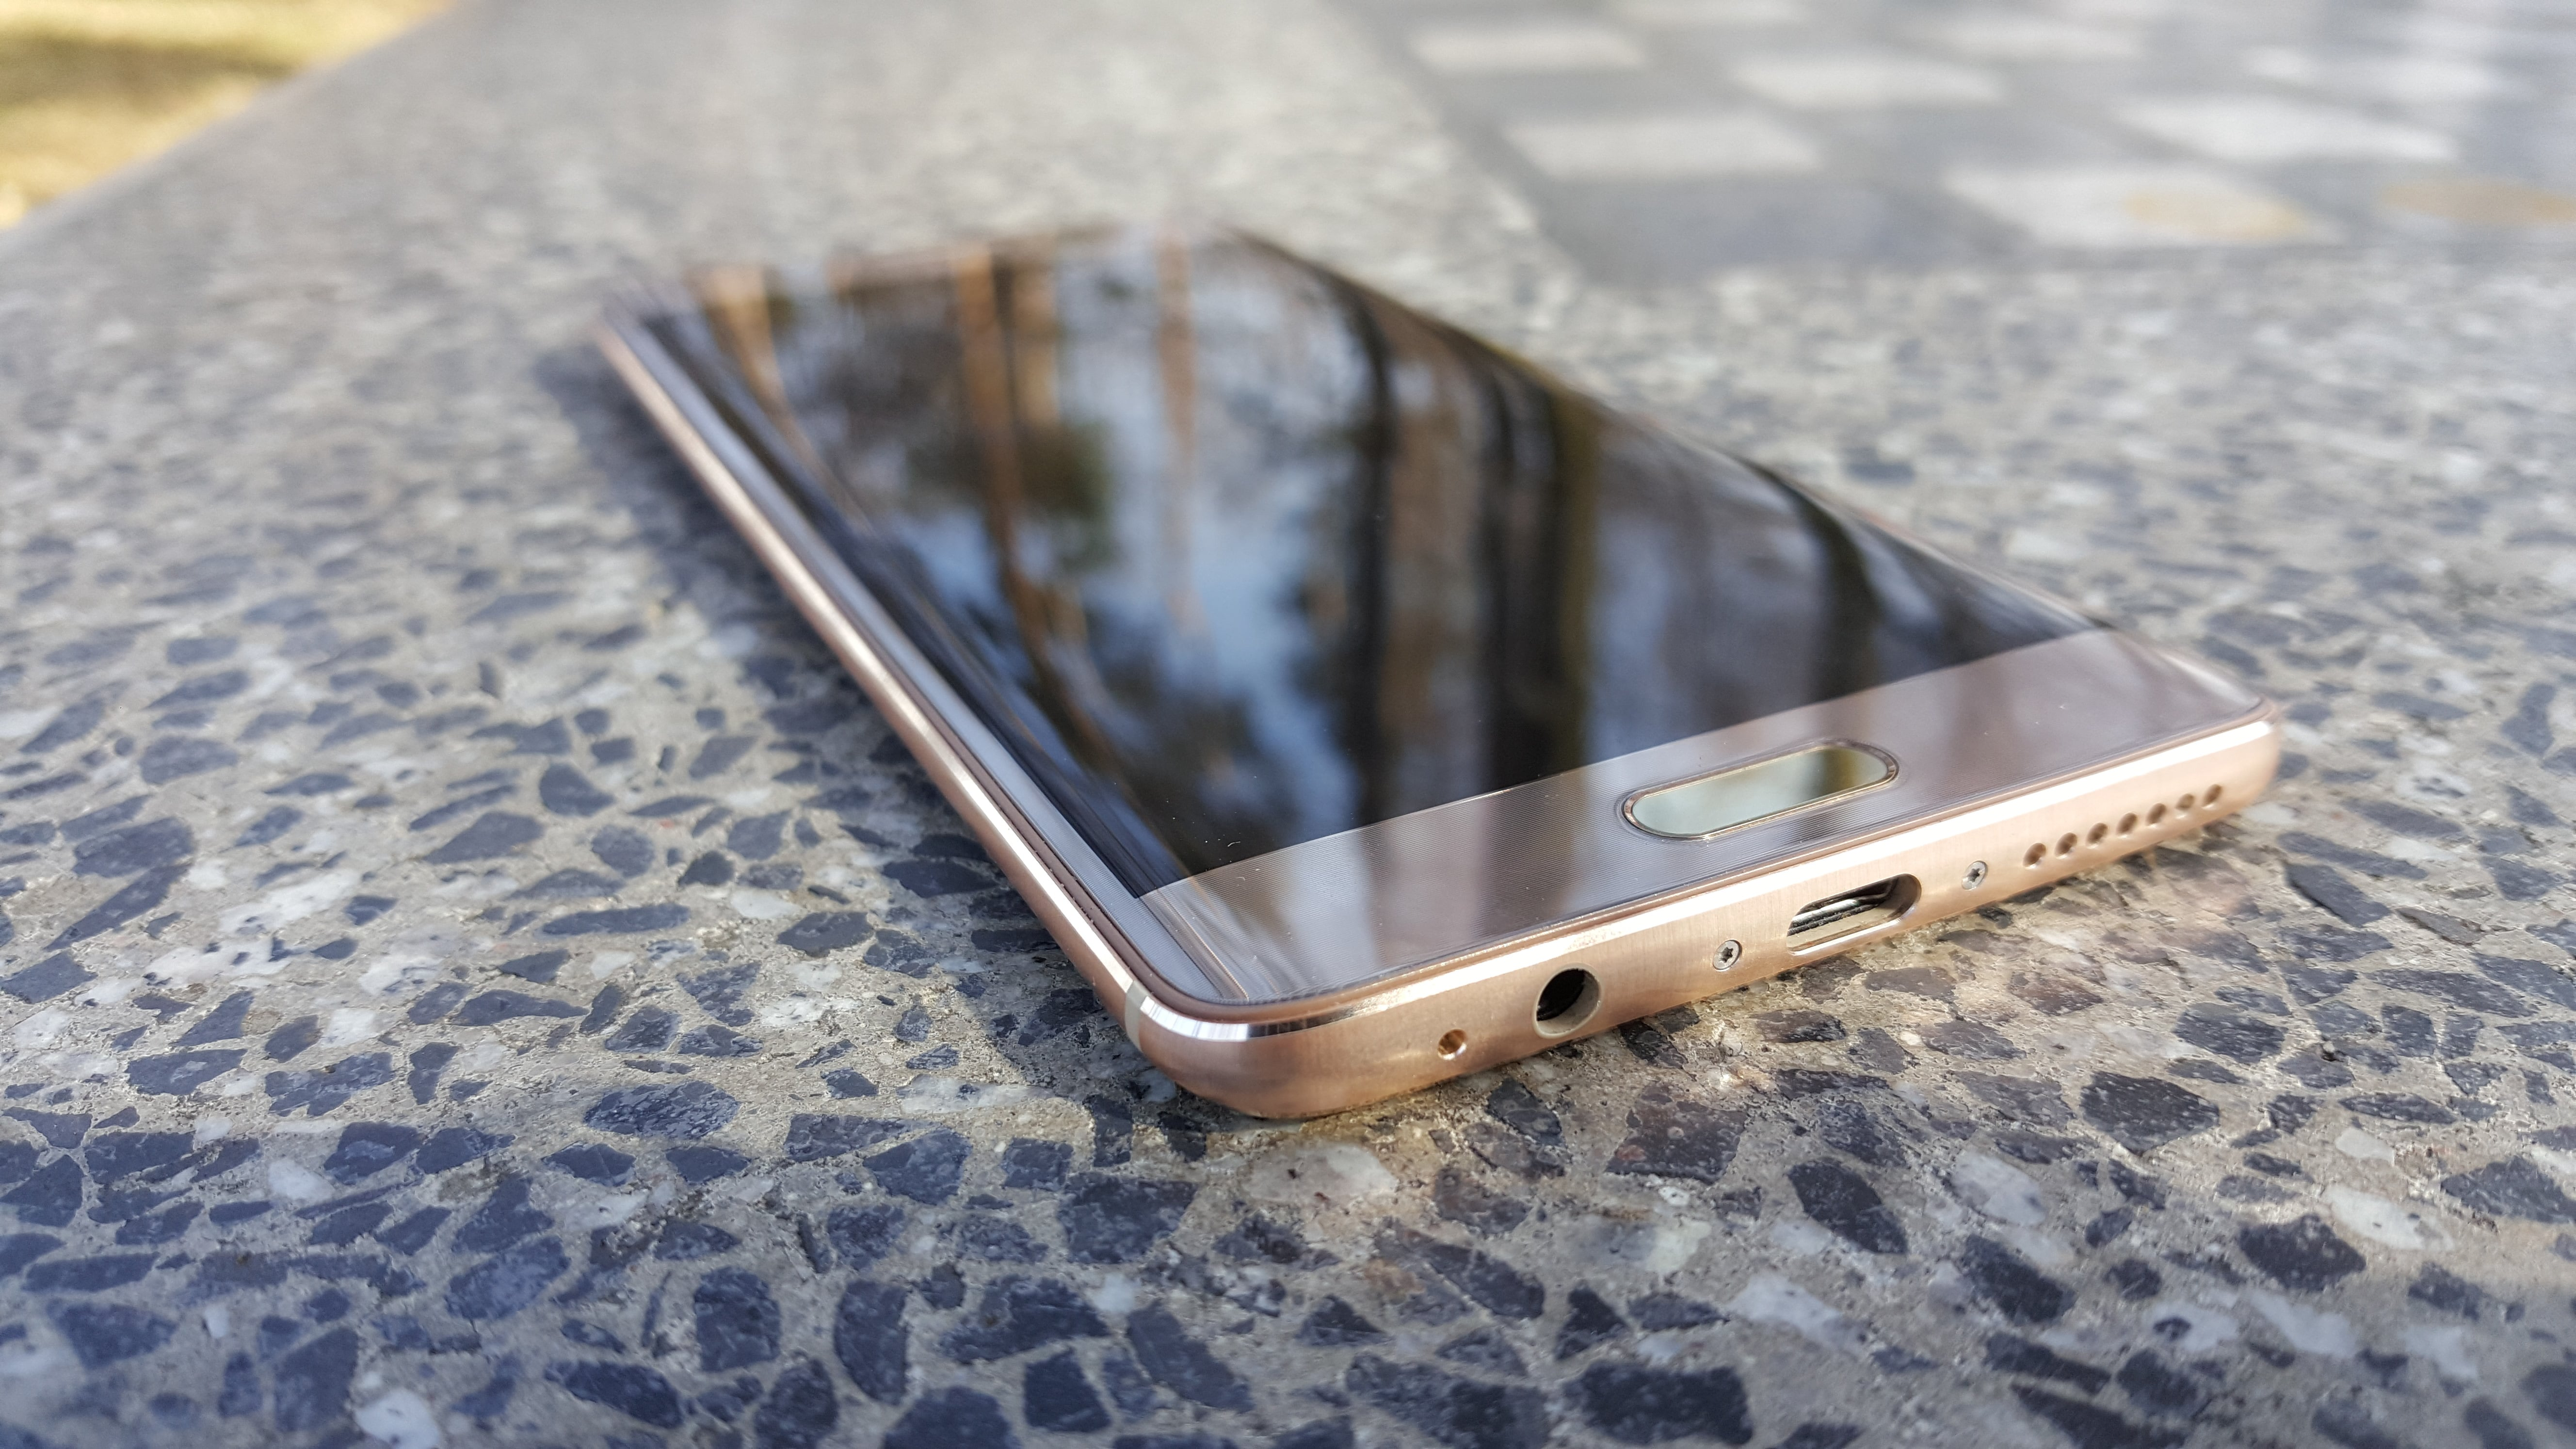 Wiemy już, jak będzie wyglądał Huawei Mate 10 Pro 19